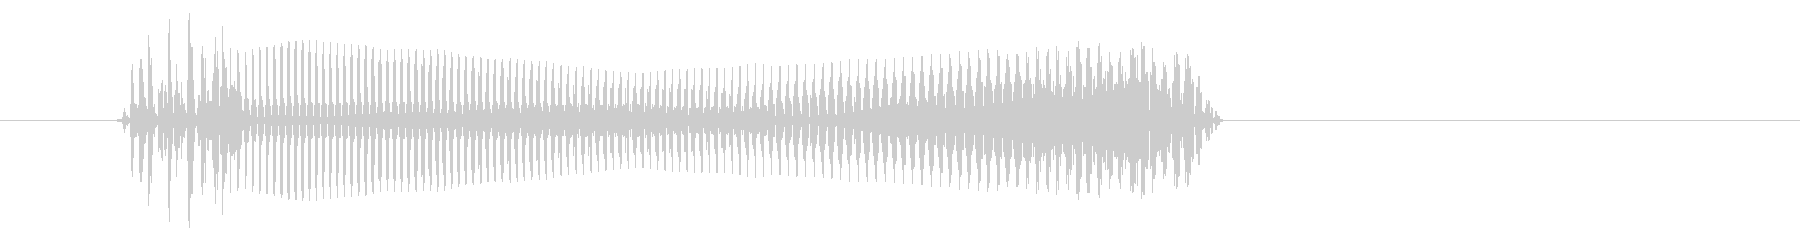 空腹04-2の未再生の波形